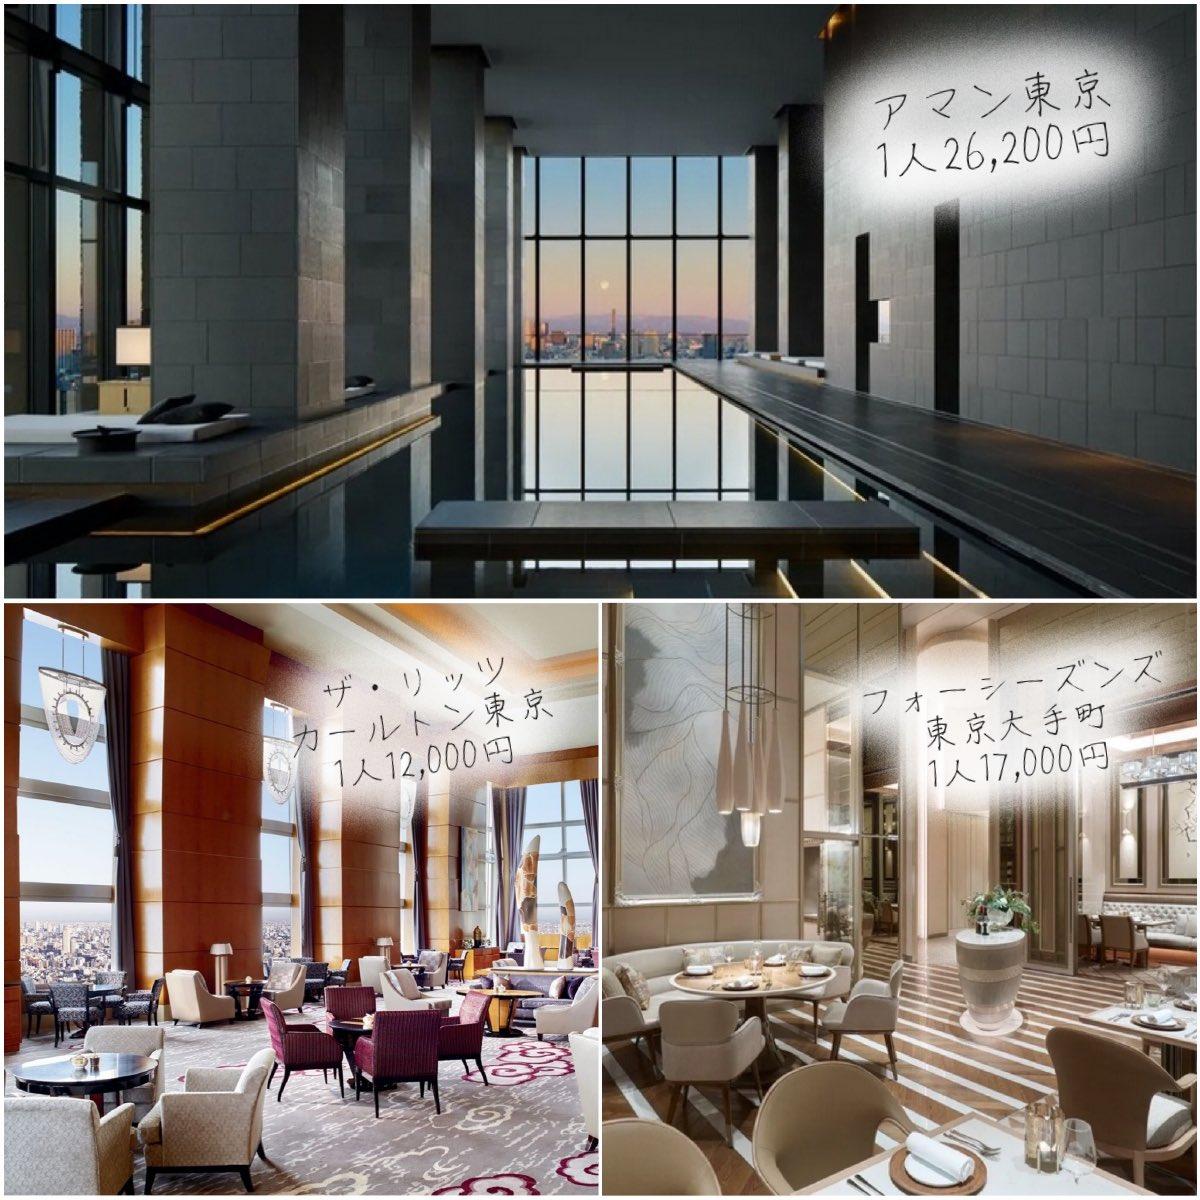 完全にバグってる…、、GOTOトラベルキャンペーンが10月1日より東京適応となり憧れのアマン、リッツ、マンダリン、フォーシーズンズ等の高級ホテルたちがおバグりになった価格で売り出されてます。恐らくこんな価格で泊まれる日はもう二度とこないと思う…、